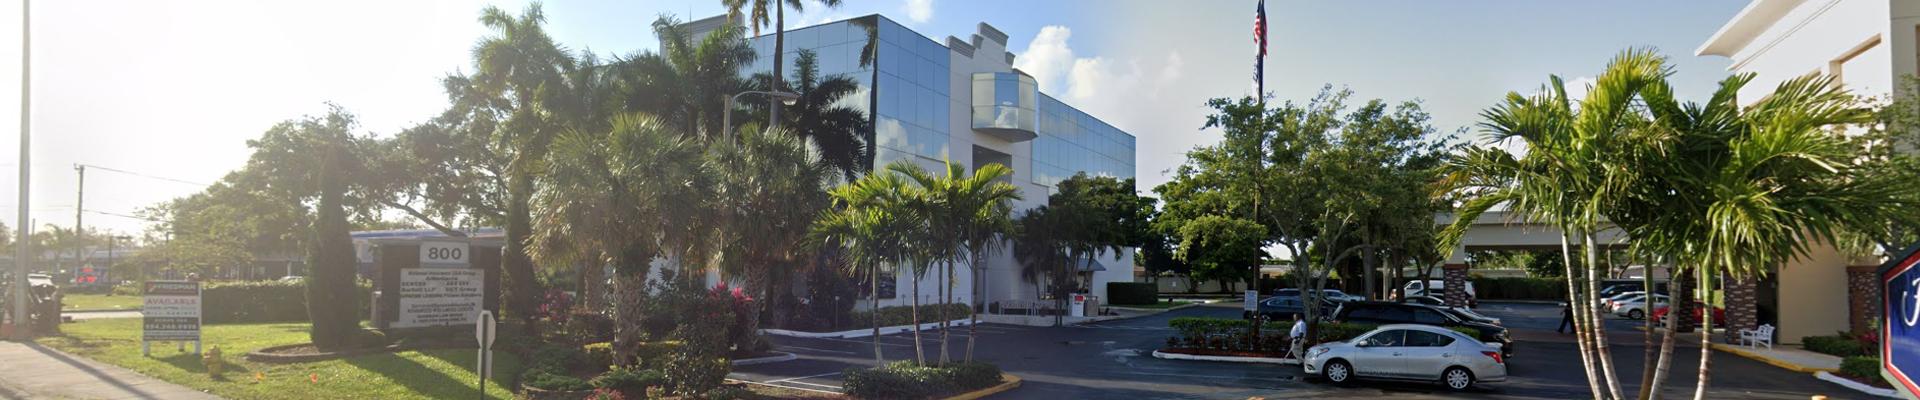 800 Cypress Creek Road - Fort Lauderdale, Florida